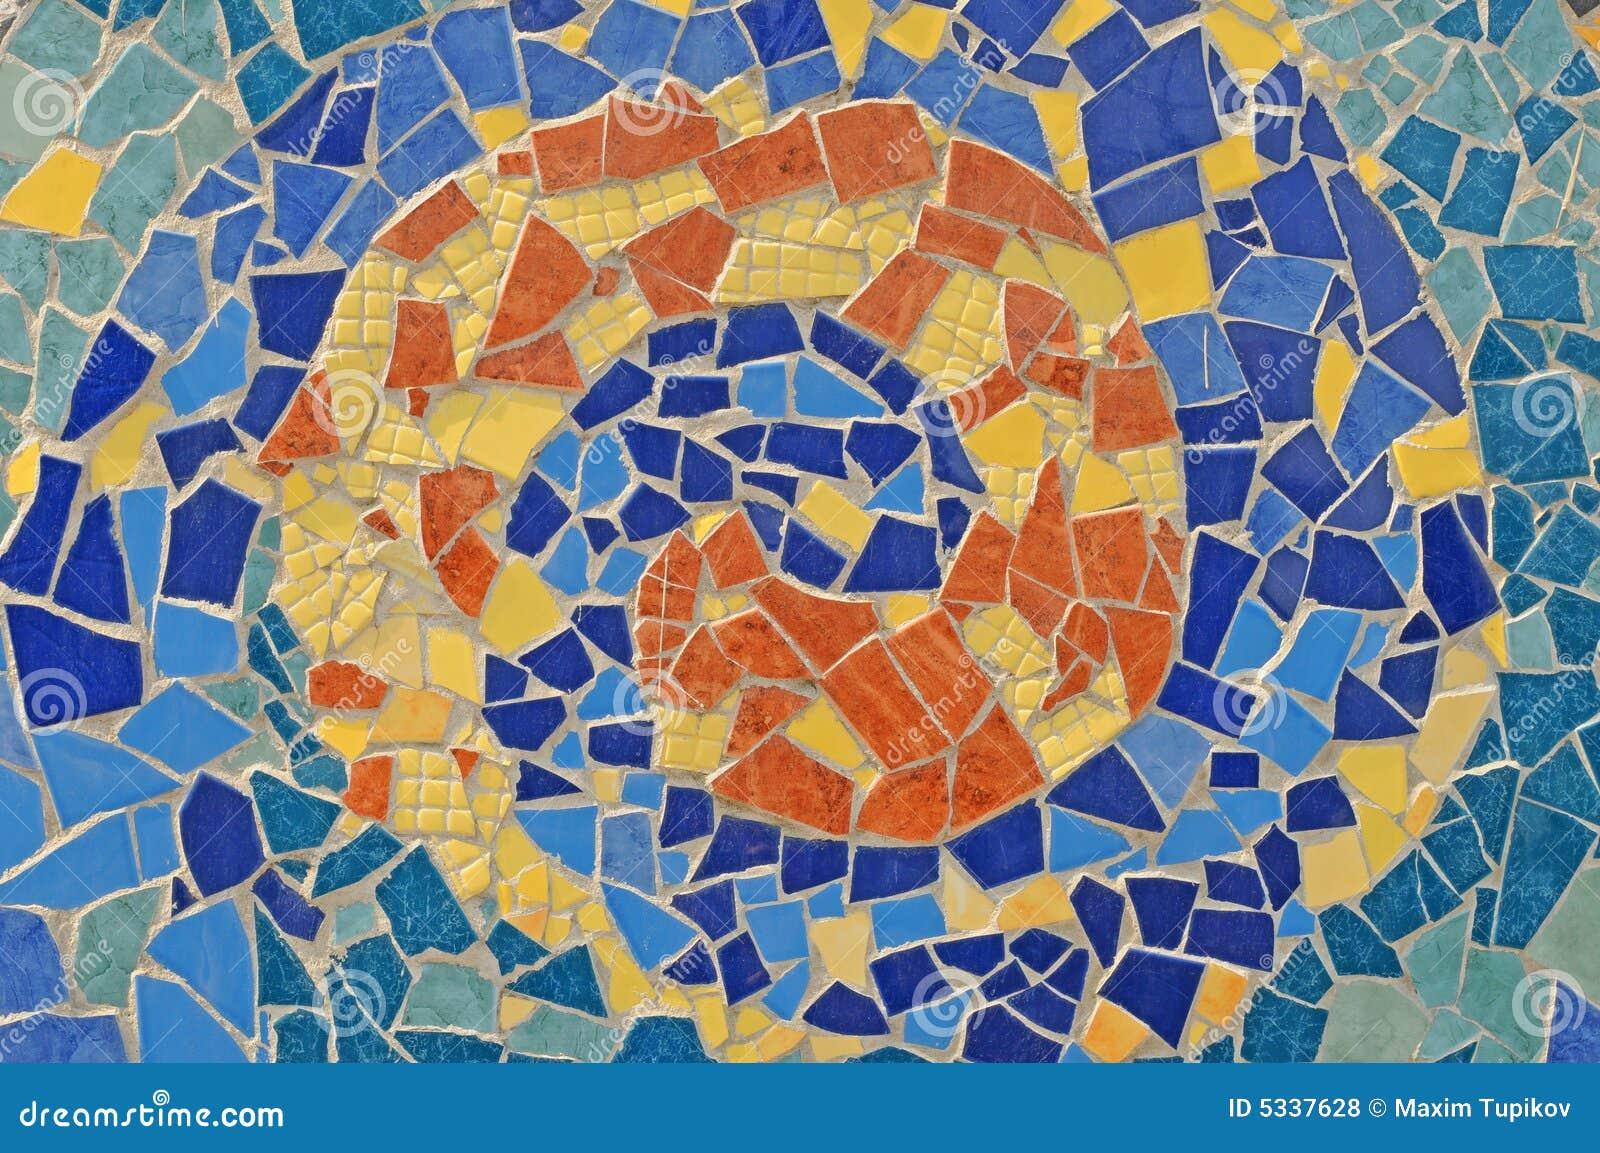 Как из мозаики сделать рисунок на